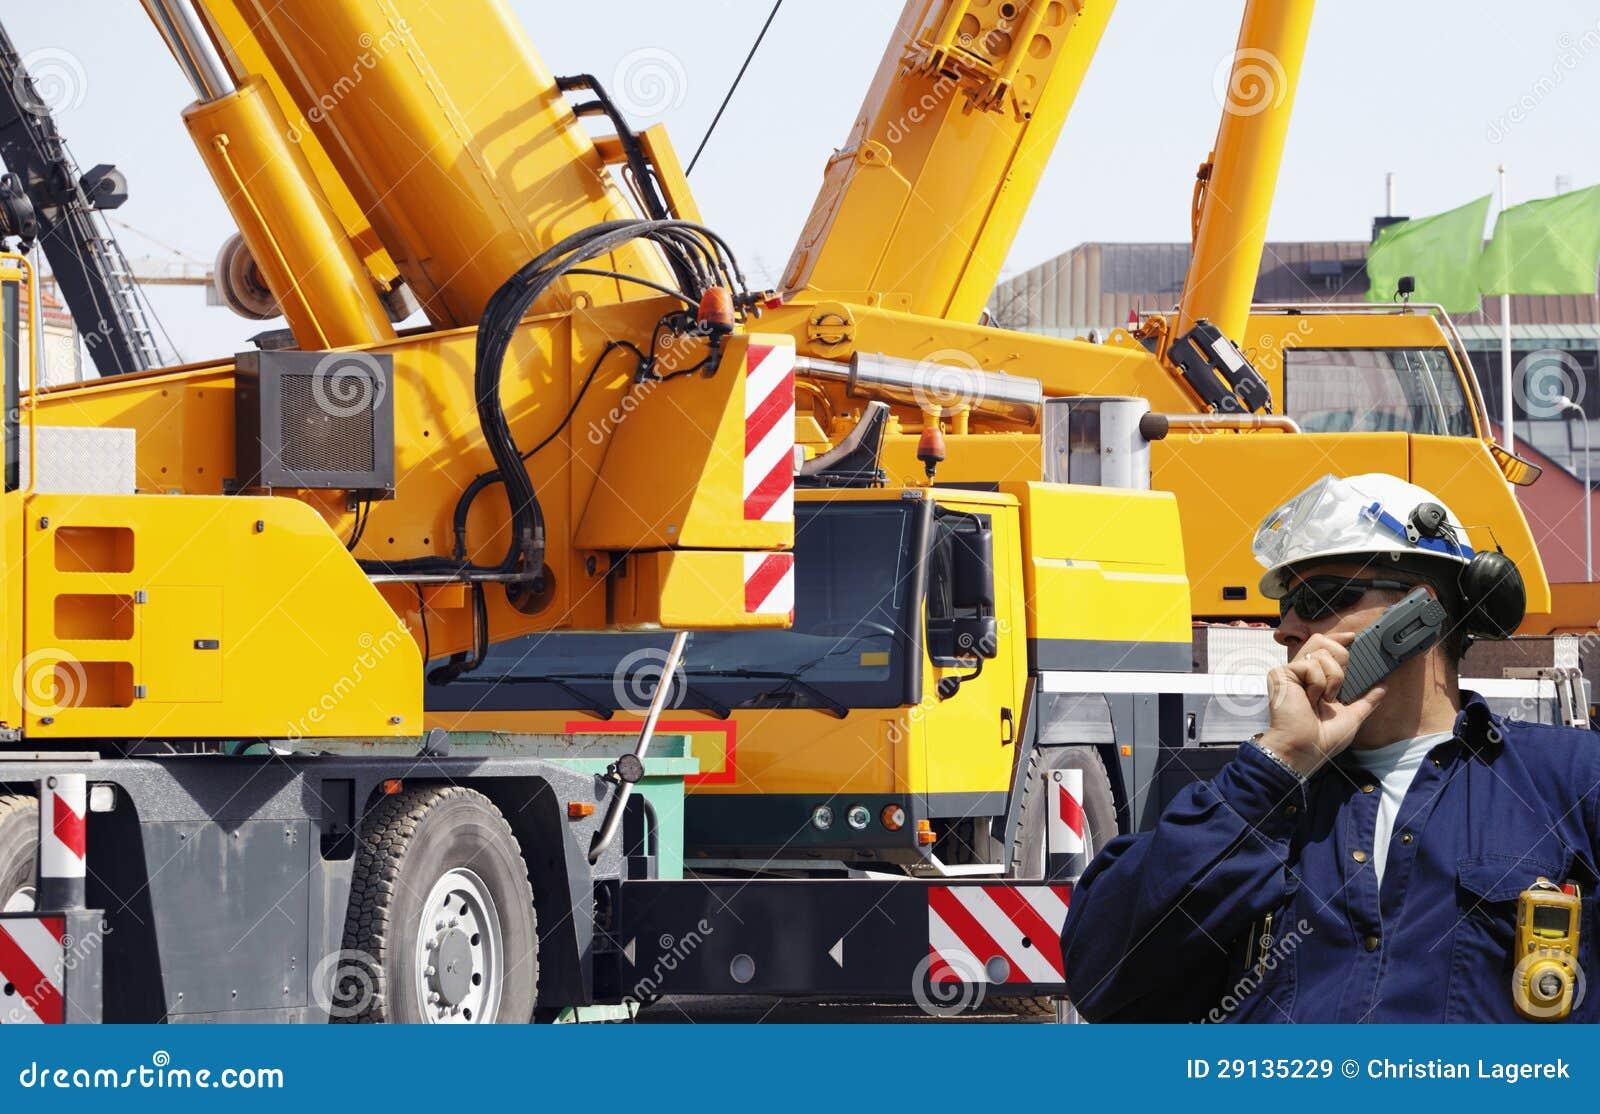 Budowa pracownicy i maszyneria